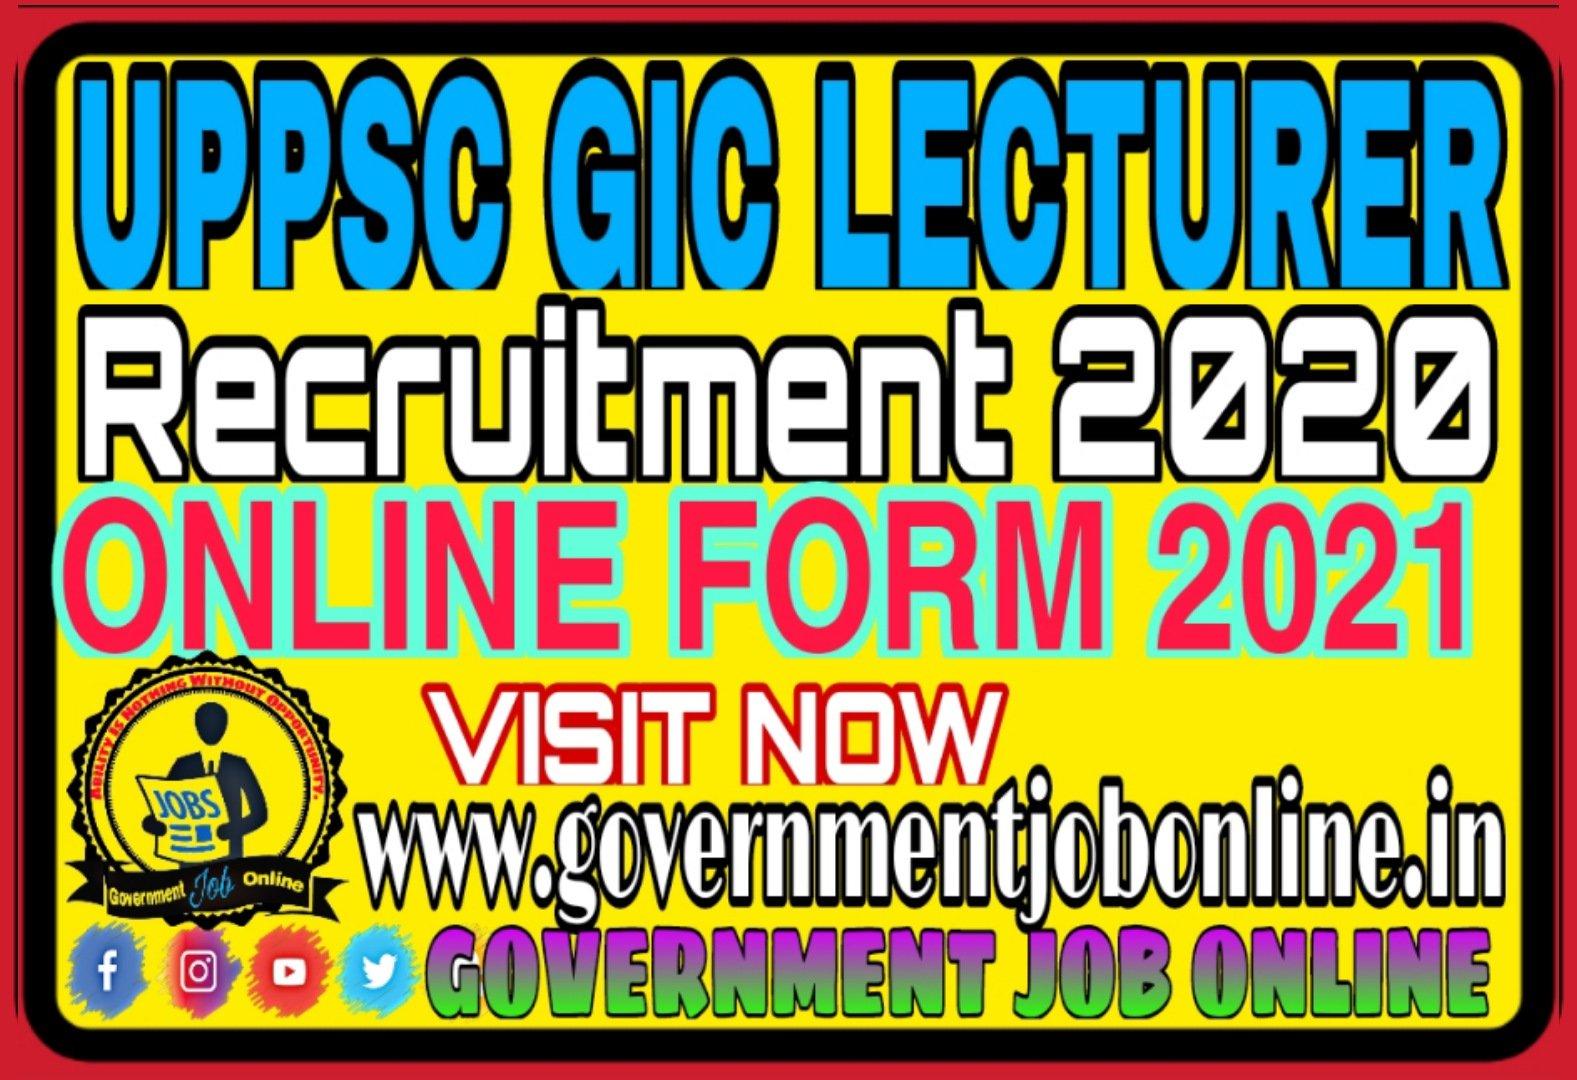 UPPSC GIC Lecturer Online Form 2021